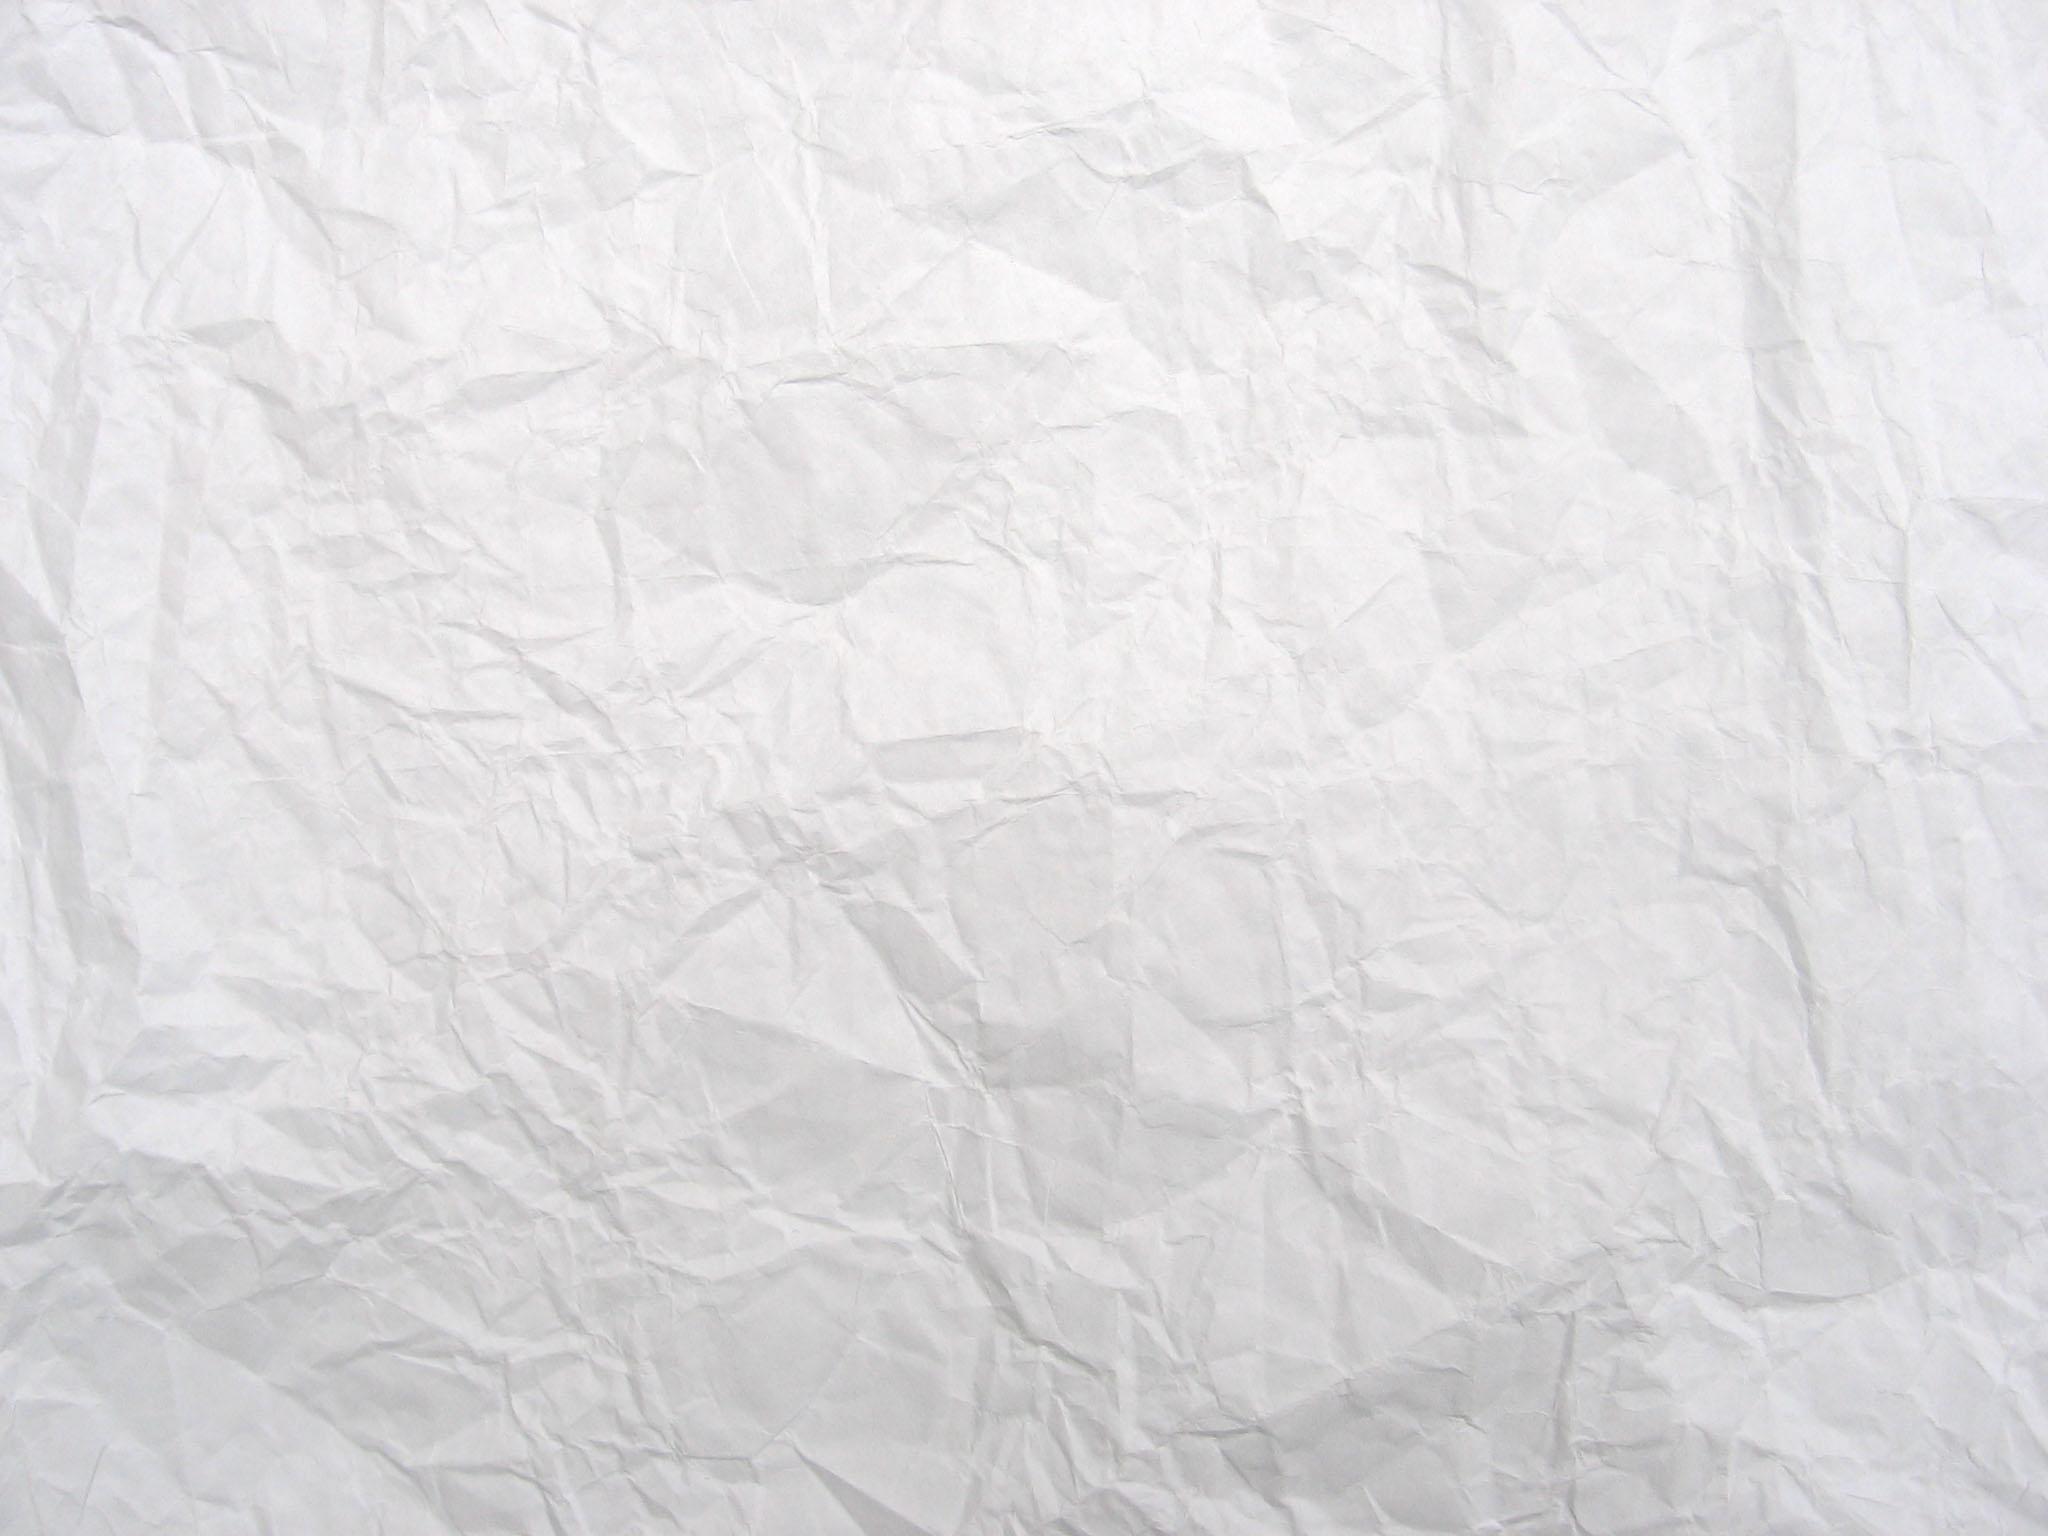 Paper Texture Melemel Jpeg Wallpaper 2048x1536 Full HD Wallpapers 2048x1536